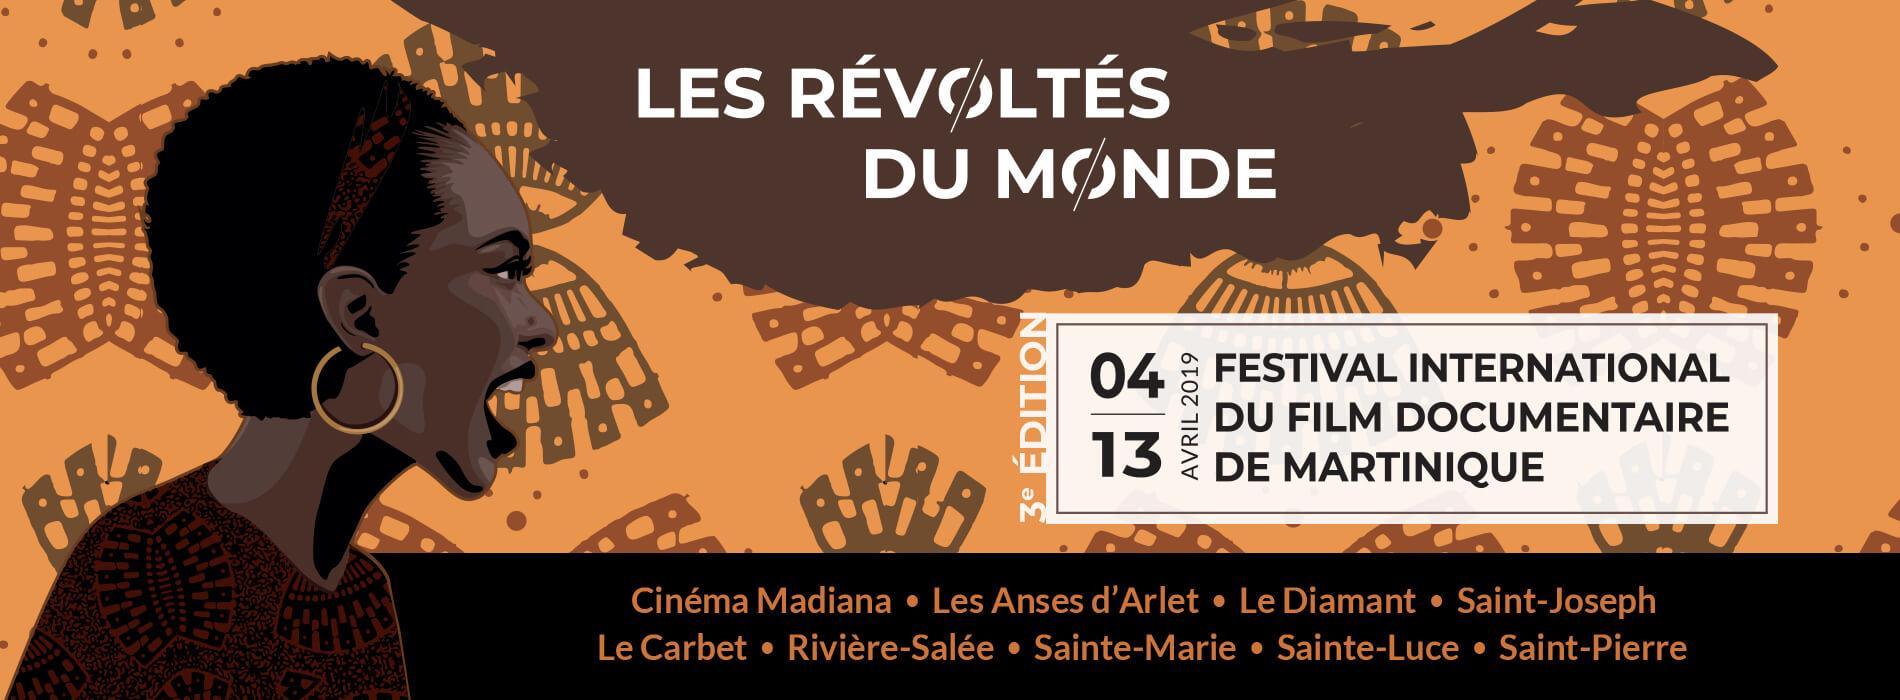 Les Révoltés du Monde - Festival international du film documentaire de Martinique